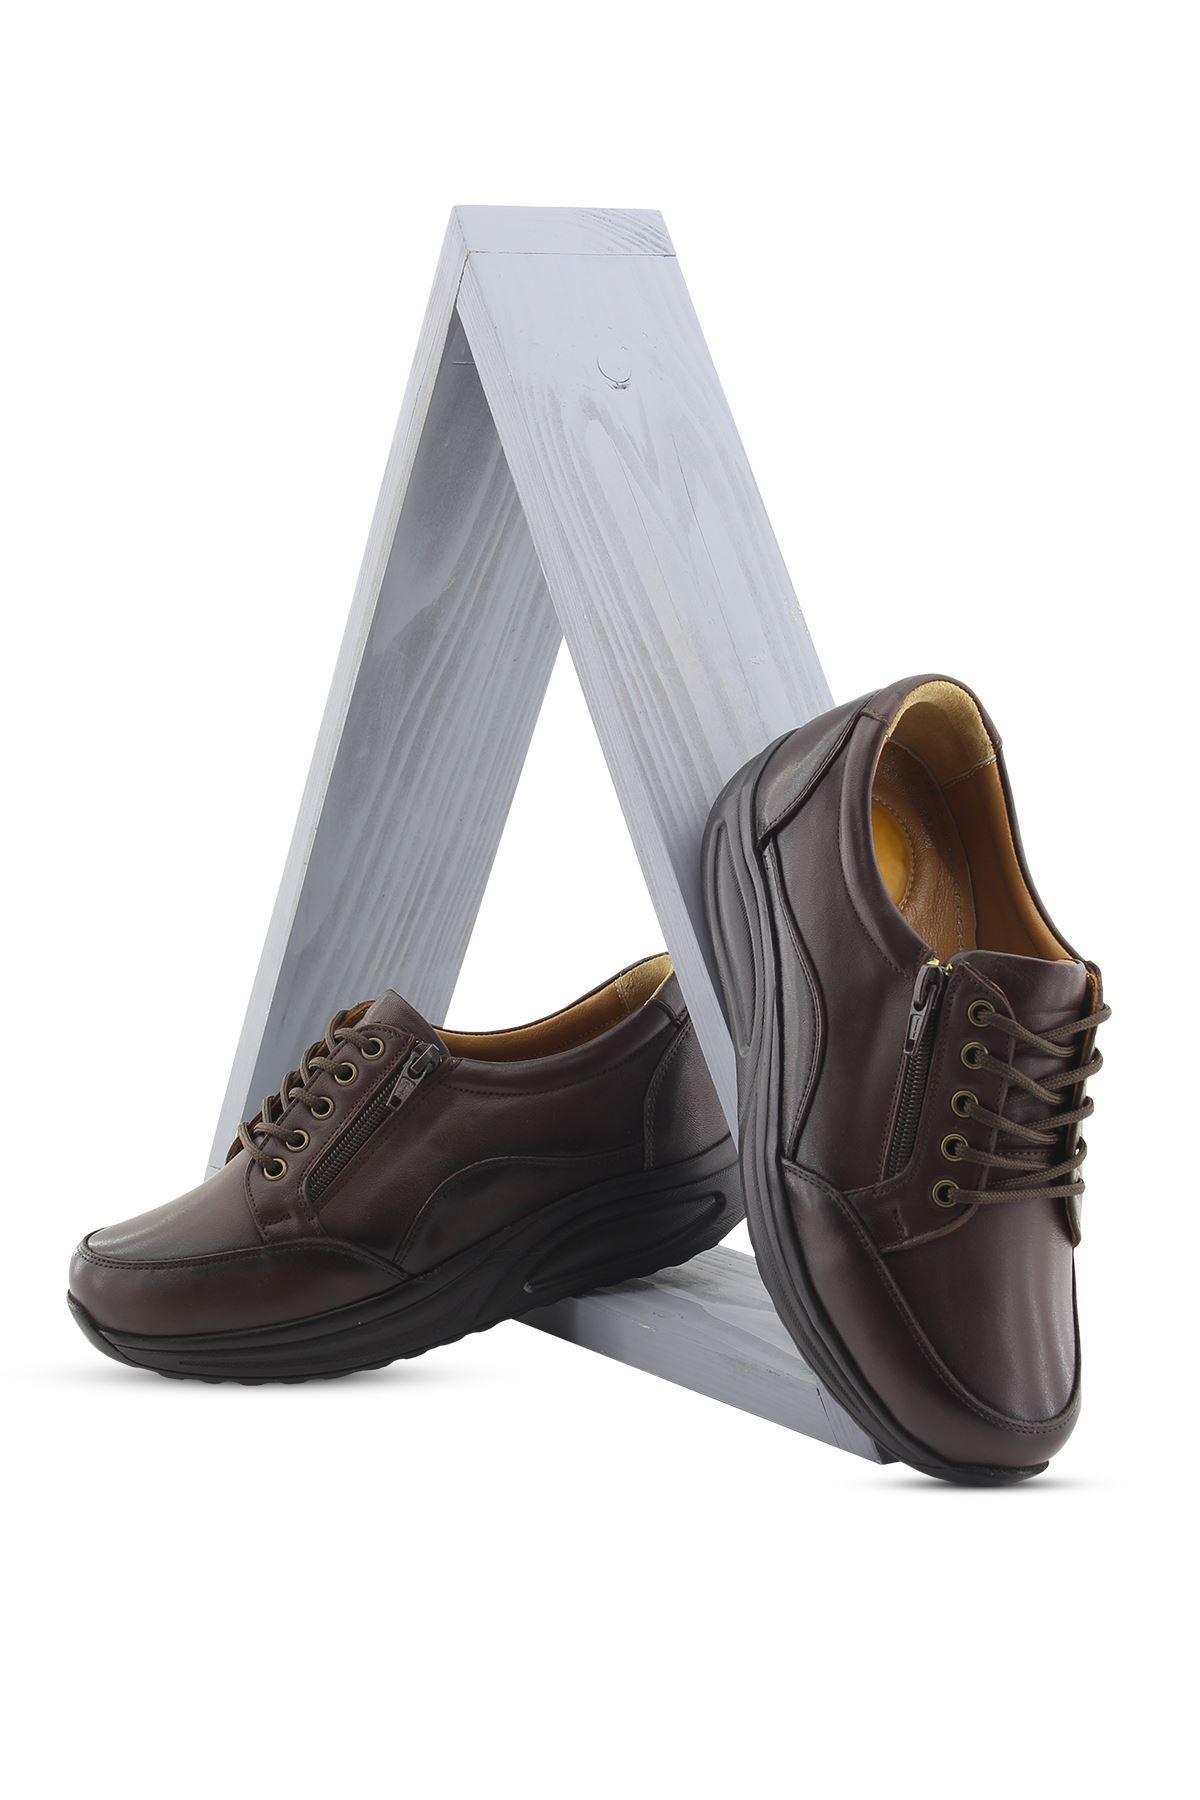 755 Kahve Kadın Yürüyüş Ayakkabısı